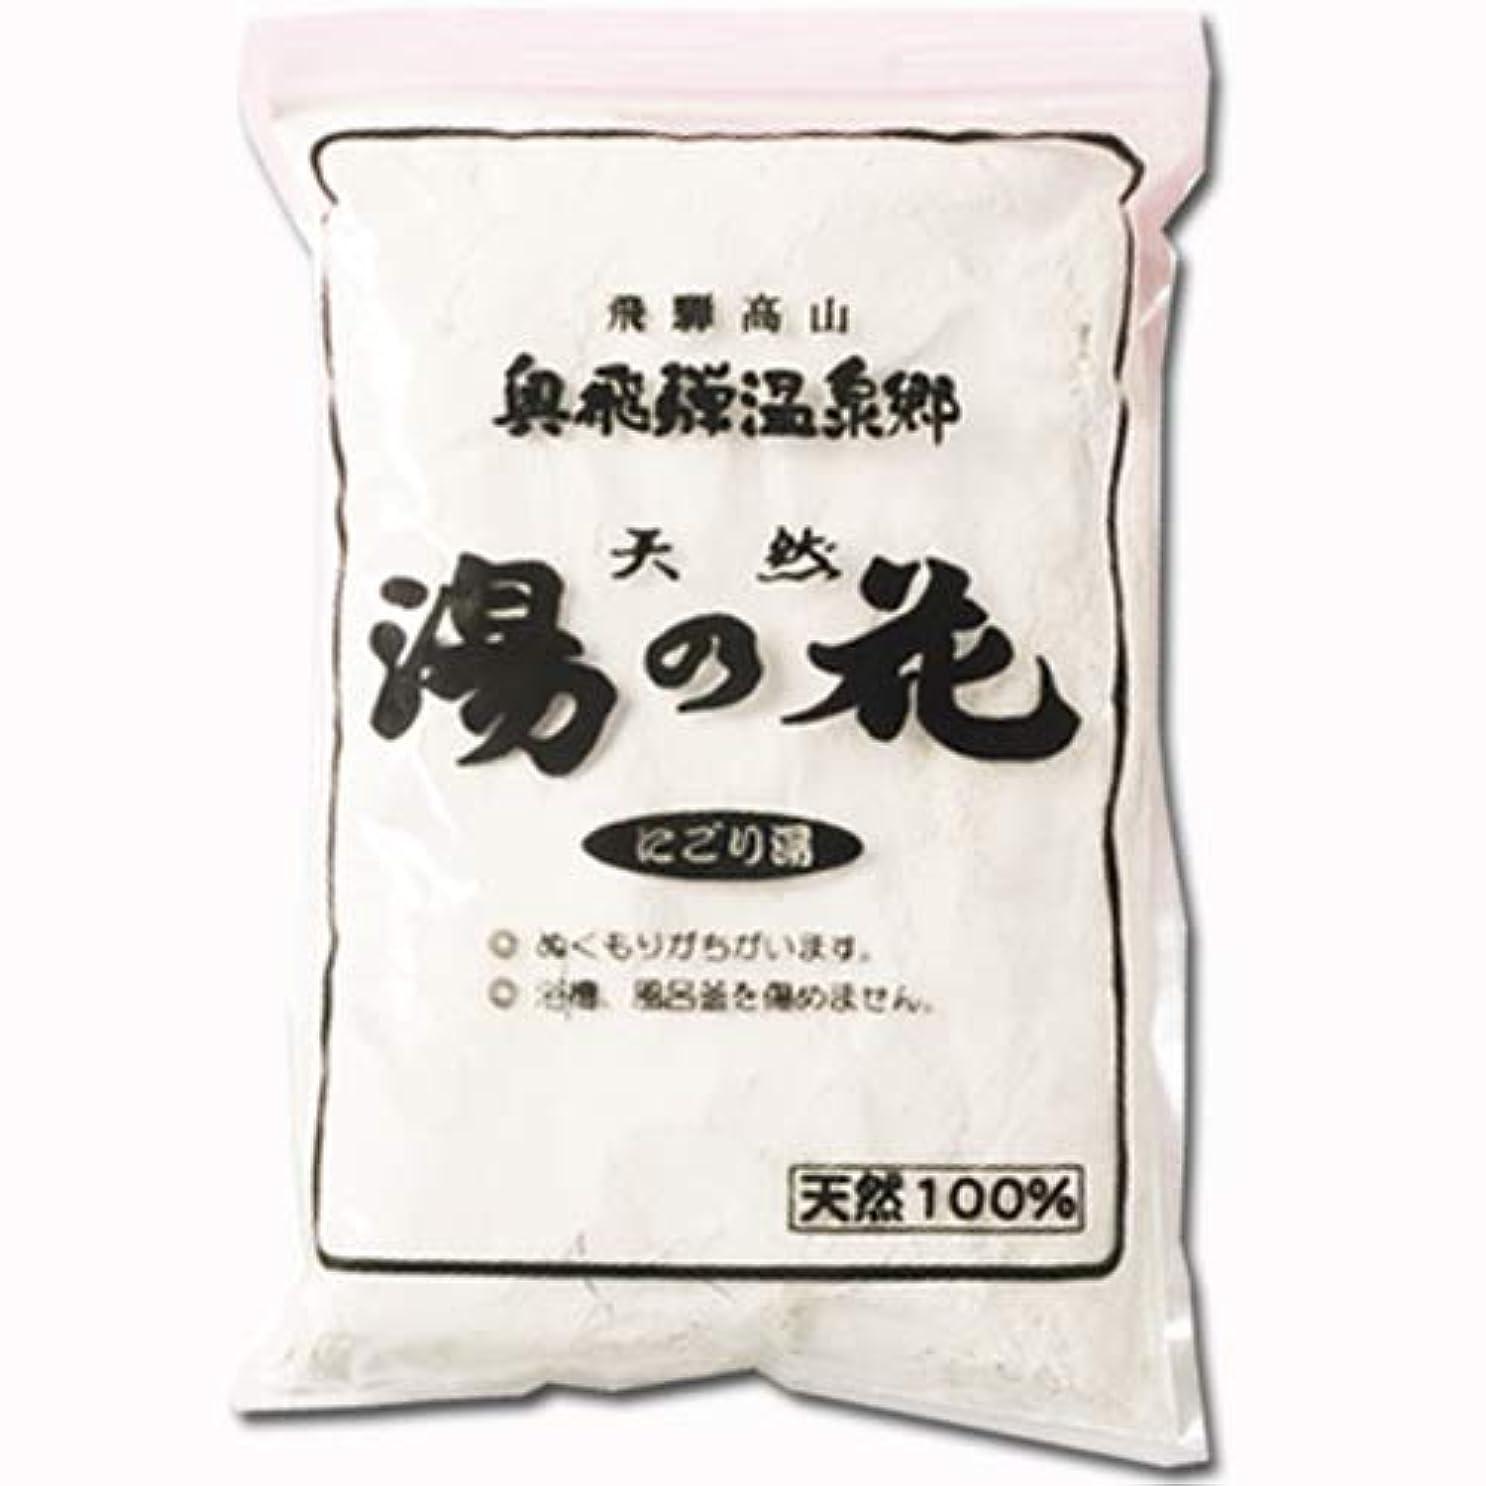 スロット振るうポーター天然湯の花 (業務用) 1kg (飛騨高山温泉郷 にごり湯)